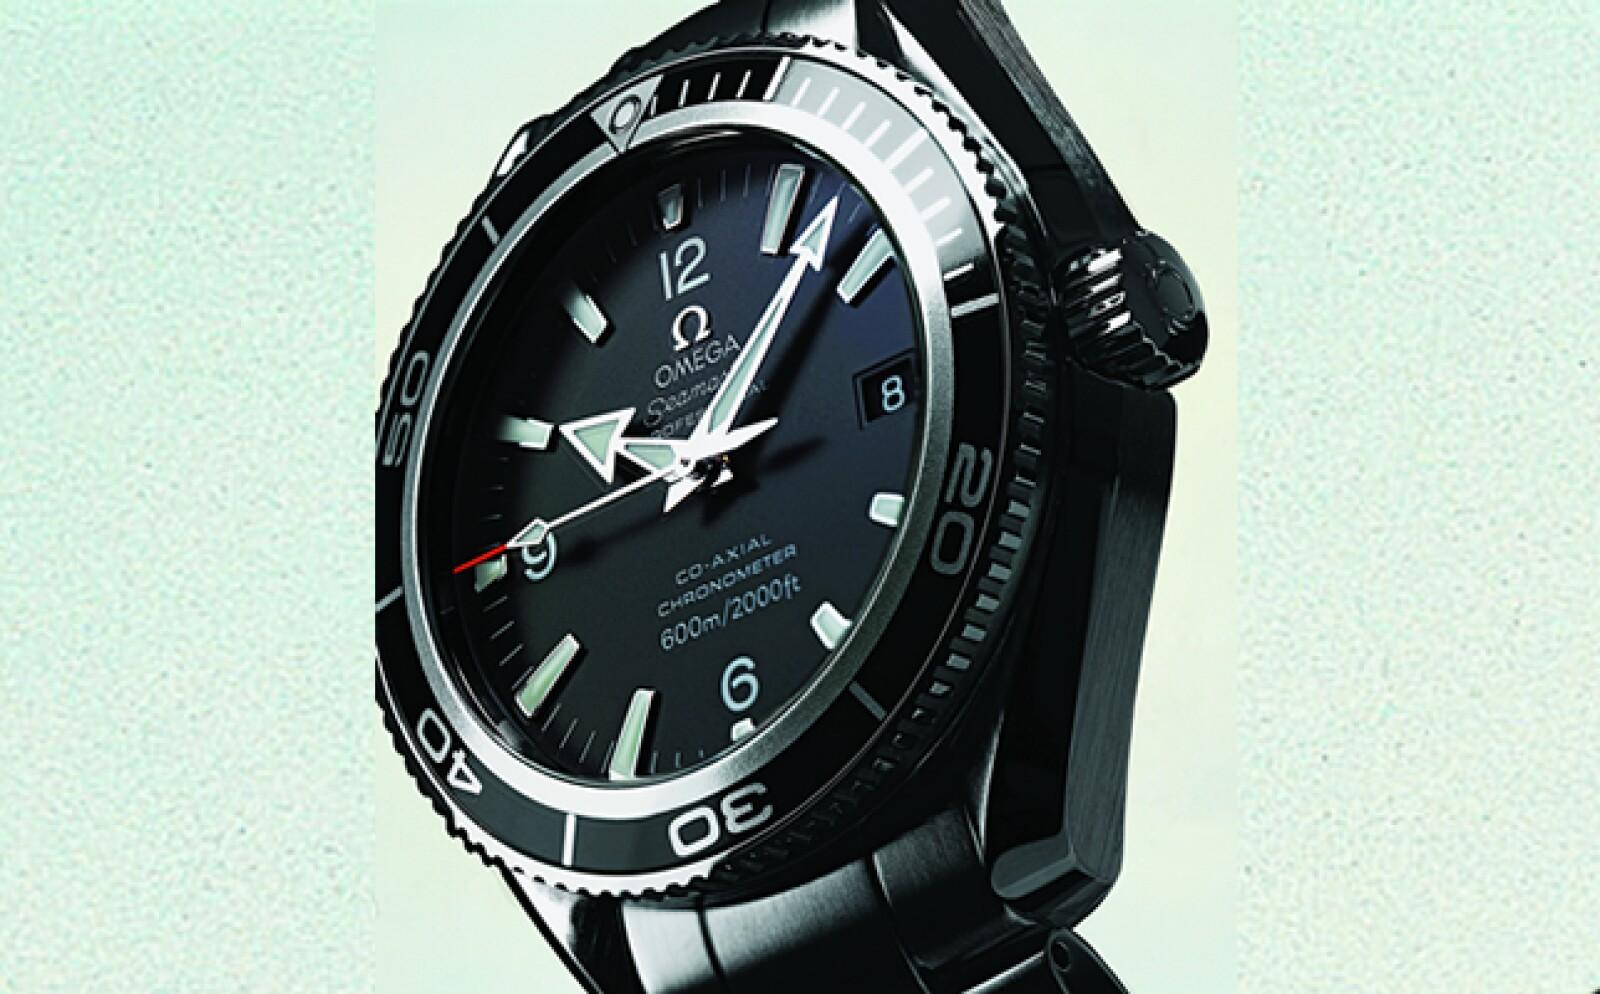 Con el actor Daniel Craig en Casino Royale (2006), James Bond se reinventó y llevó en la muñeca un reloj de gran tamaño, aunque no poseía ningún dispositivo.